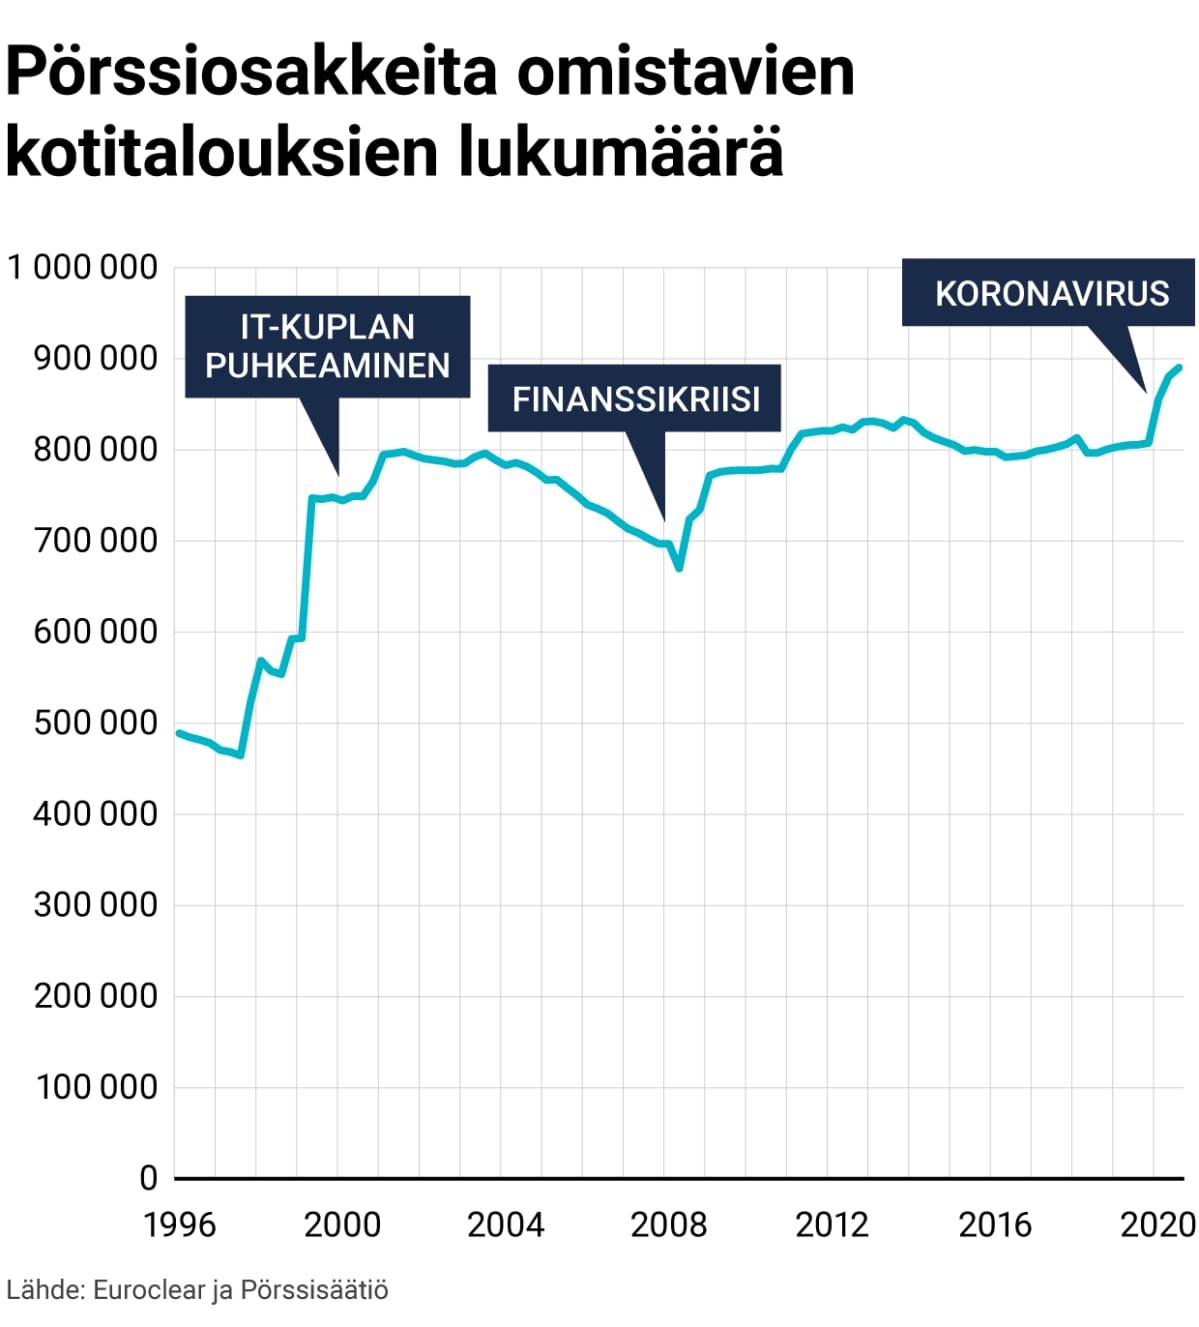 Pörssiosakkeita omistavien kotitalouksien lukumäärä